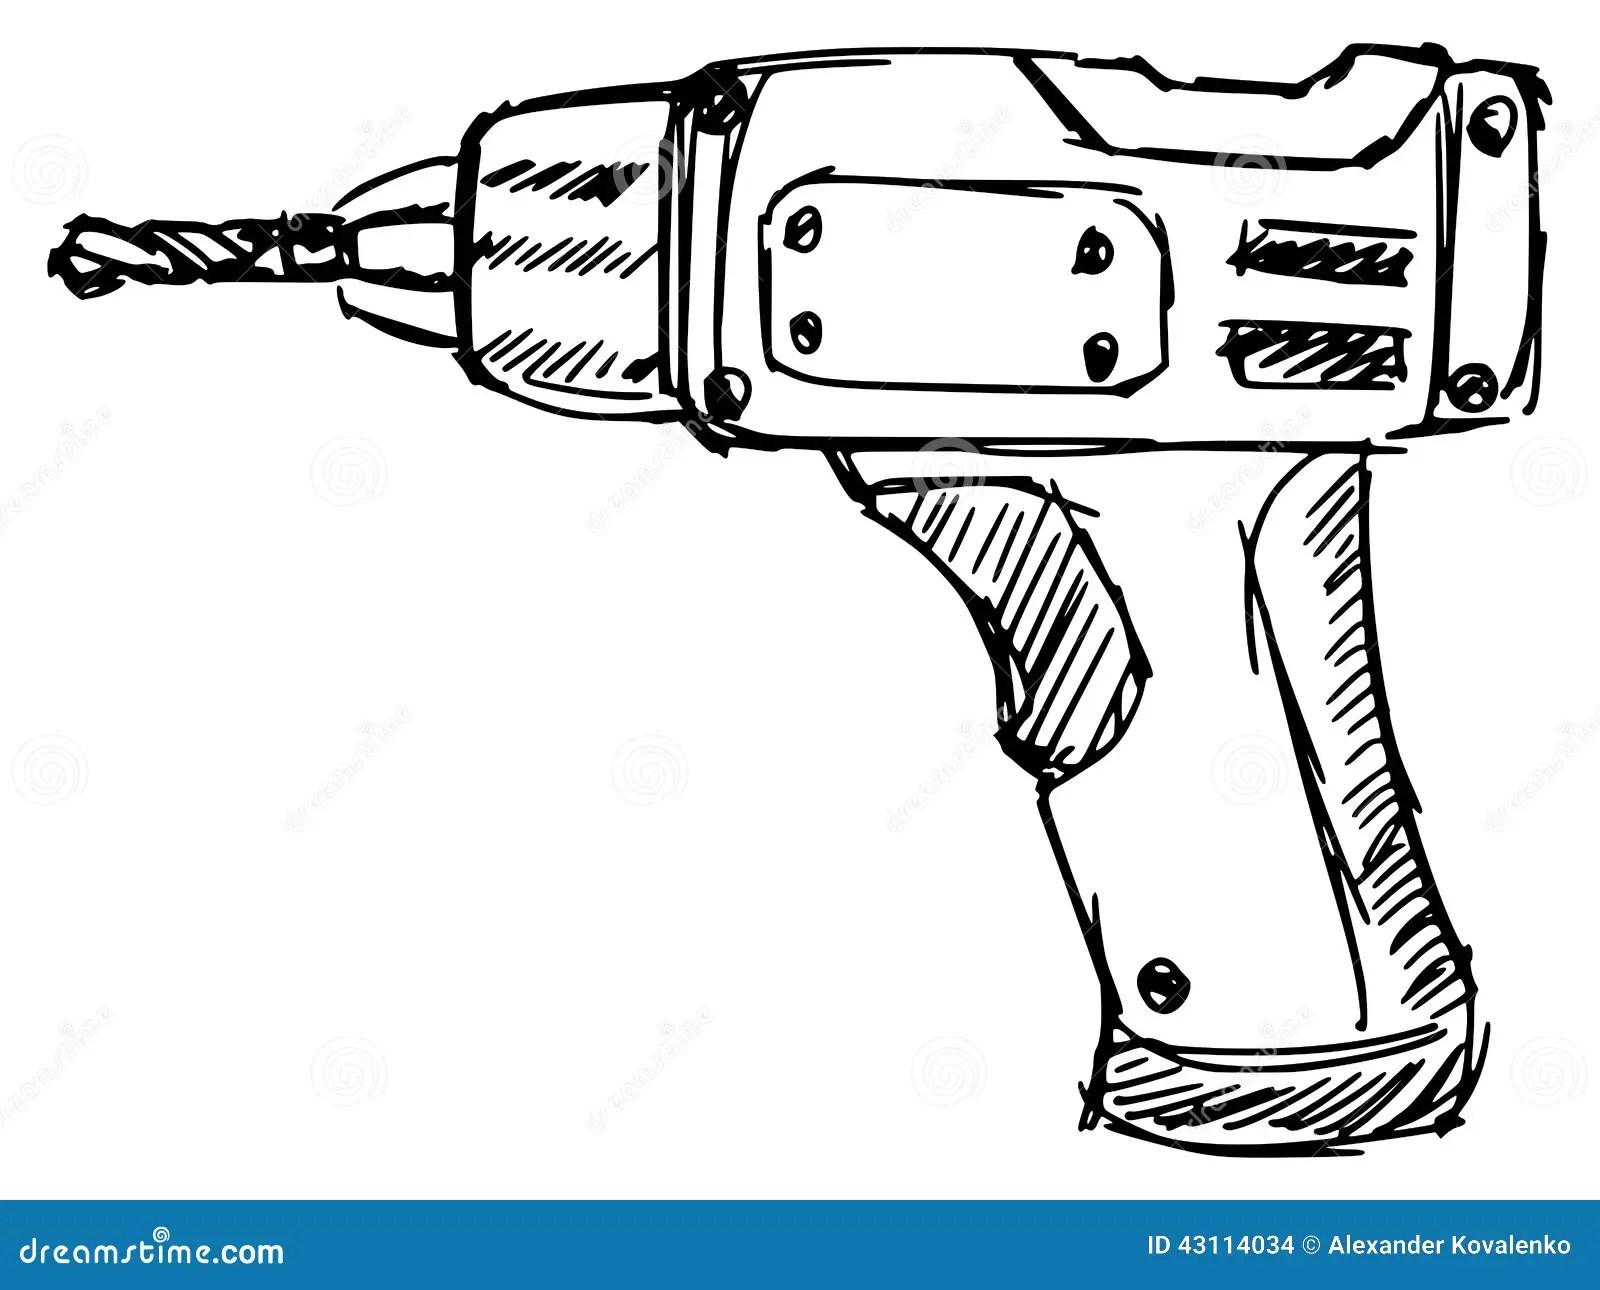 Drill Stock Vector Illustration Of Maintenance Power